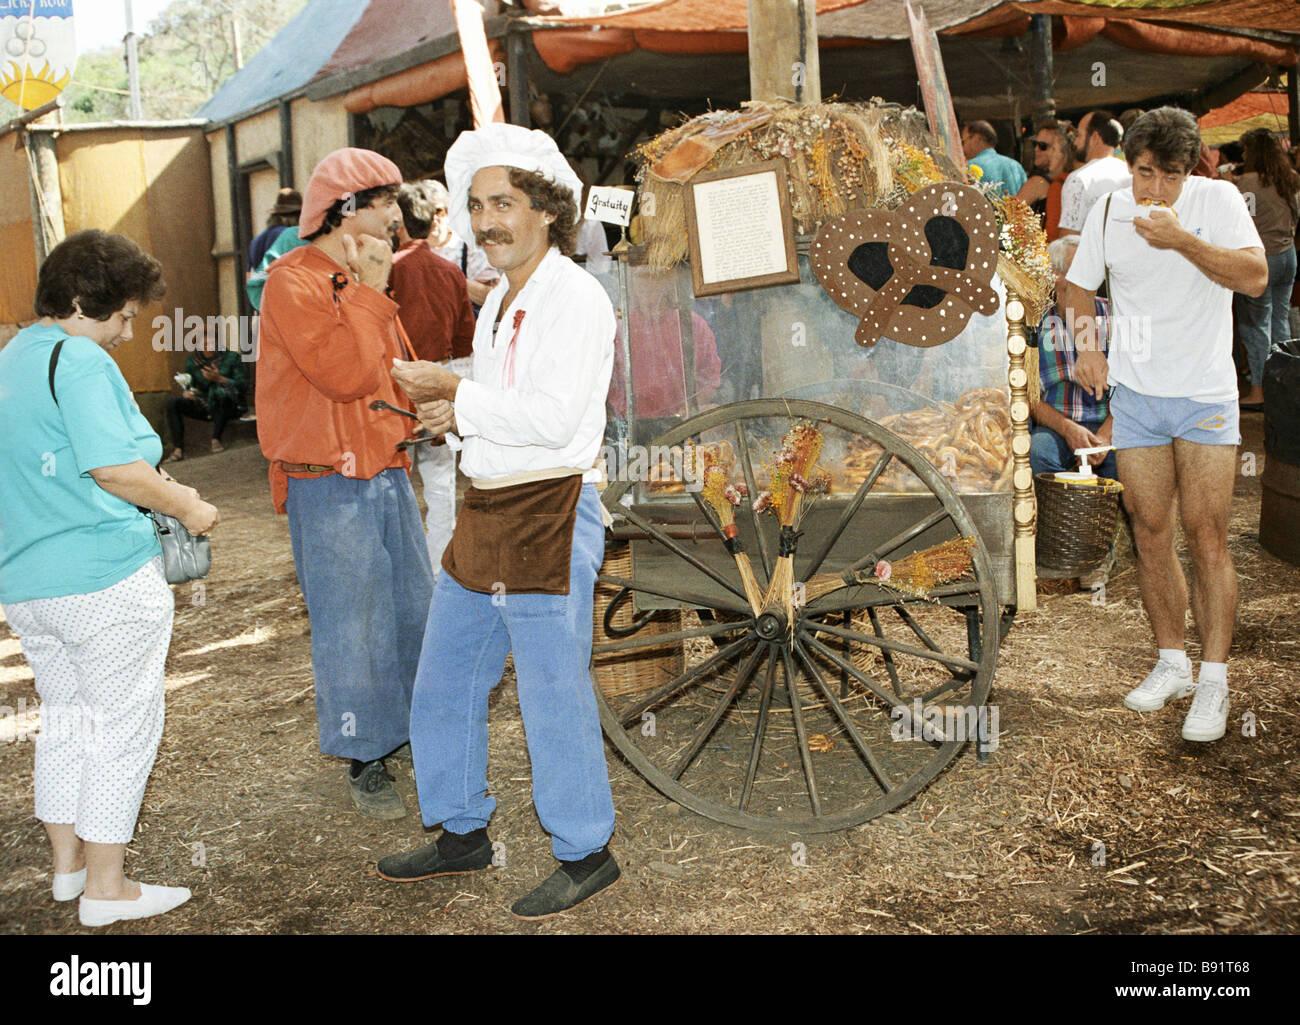 Verkäufer von heißen Boubliks der Renaissance Genuss Fair San Francisco Stockbild